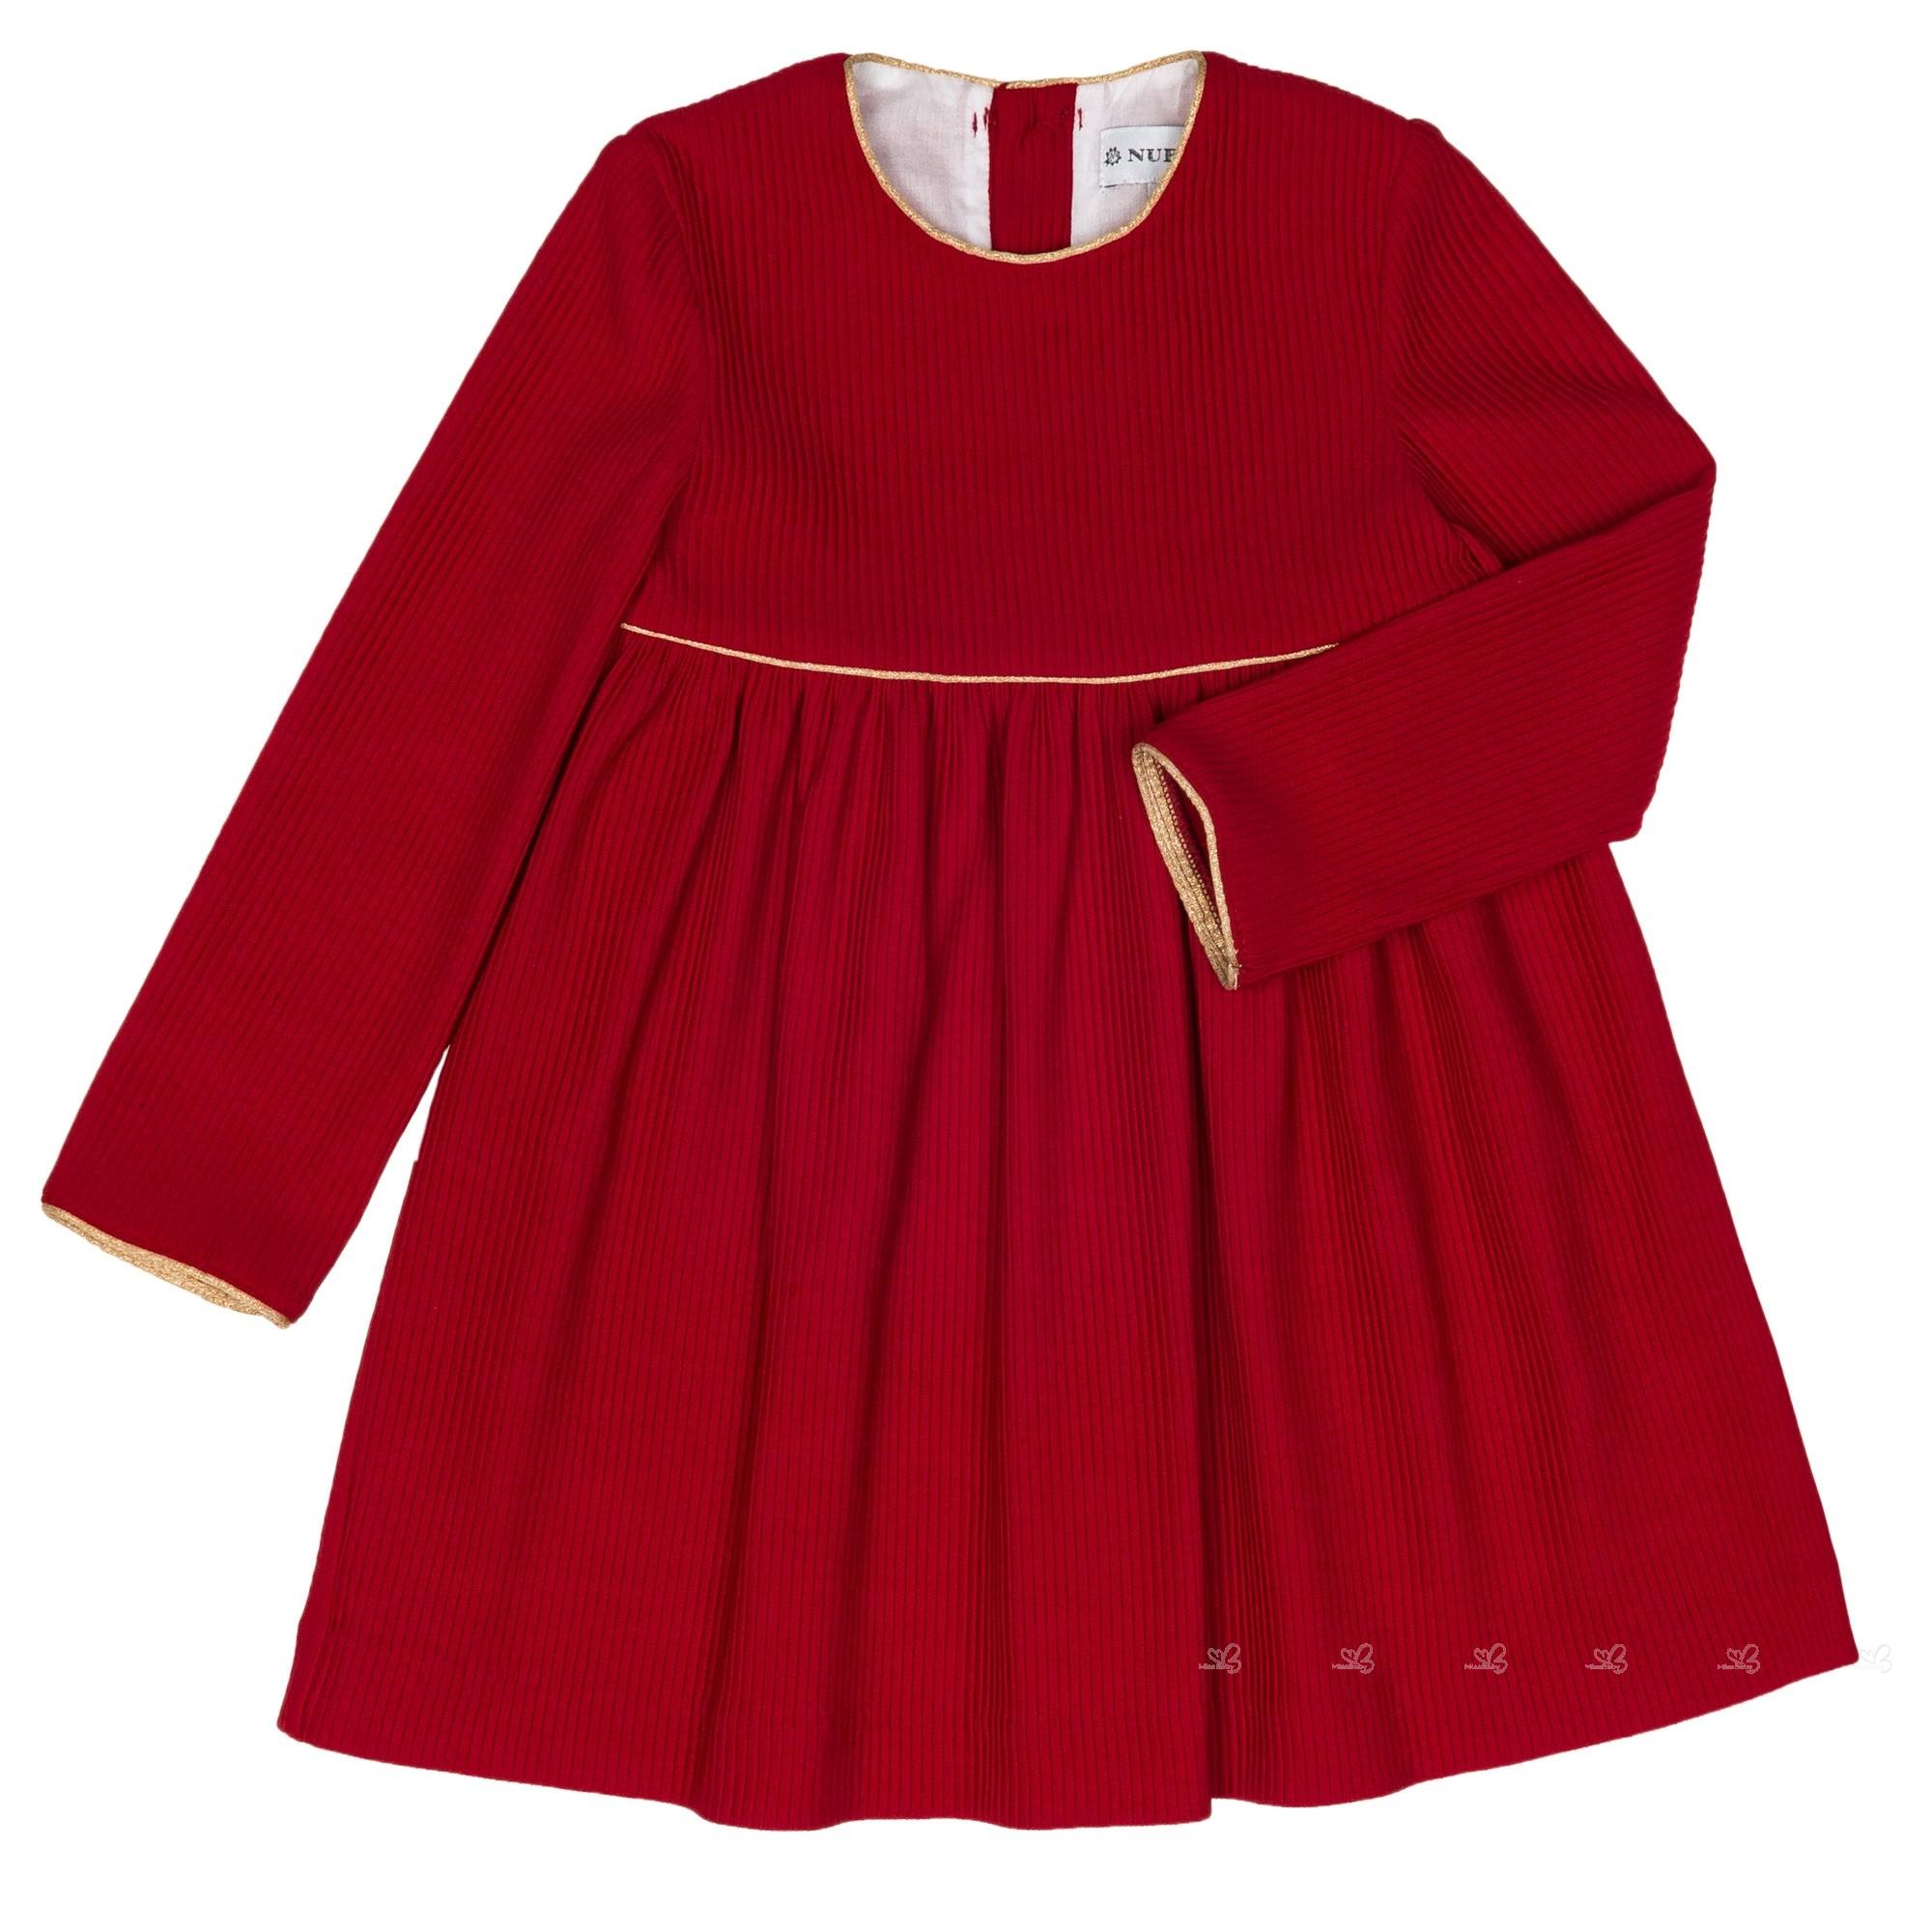 Vestido rojo 2018 indian